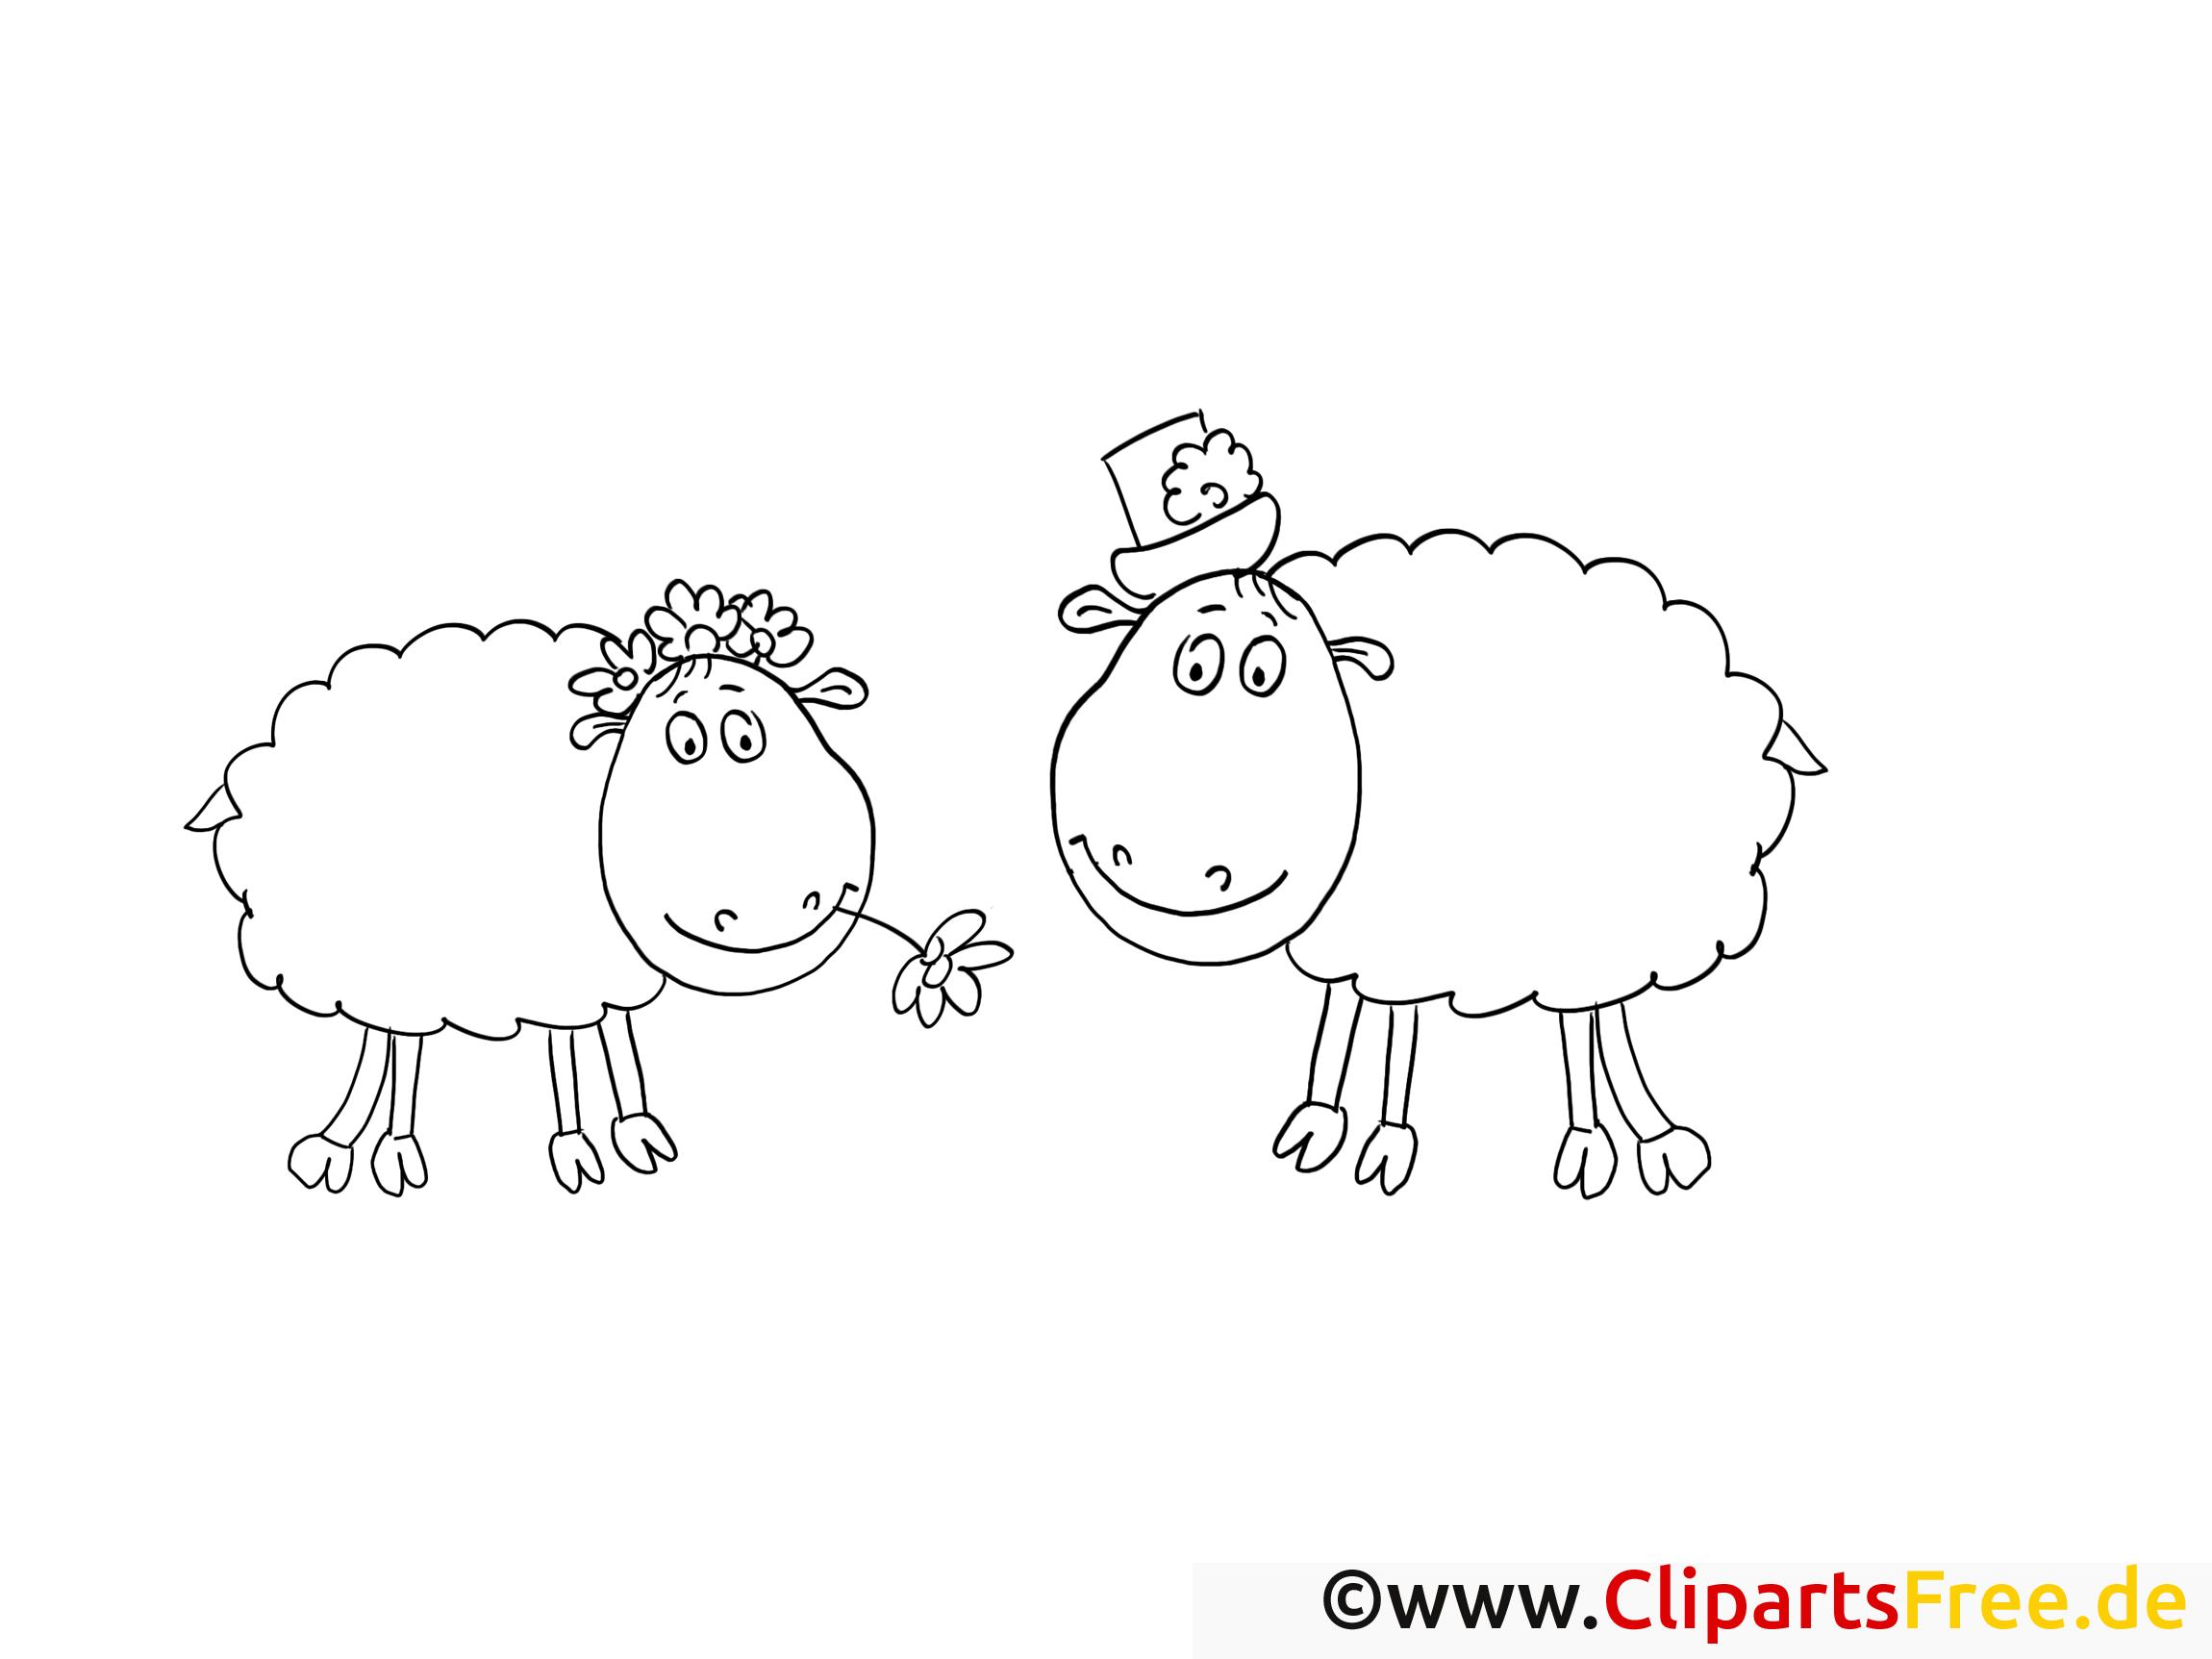 Lustige Schafe - Malvorlagen und kostenlose Ausmalbilder